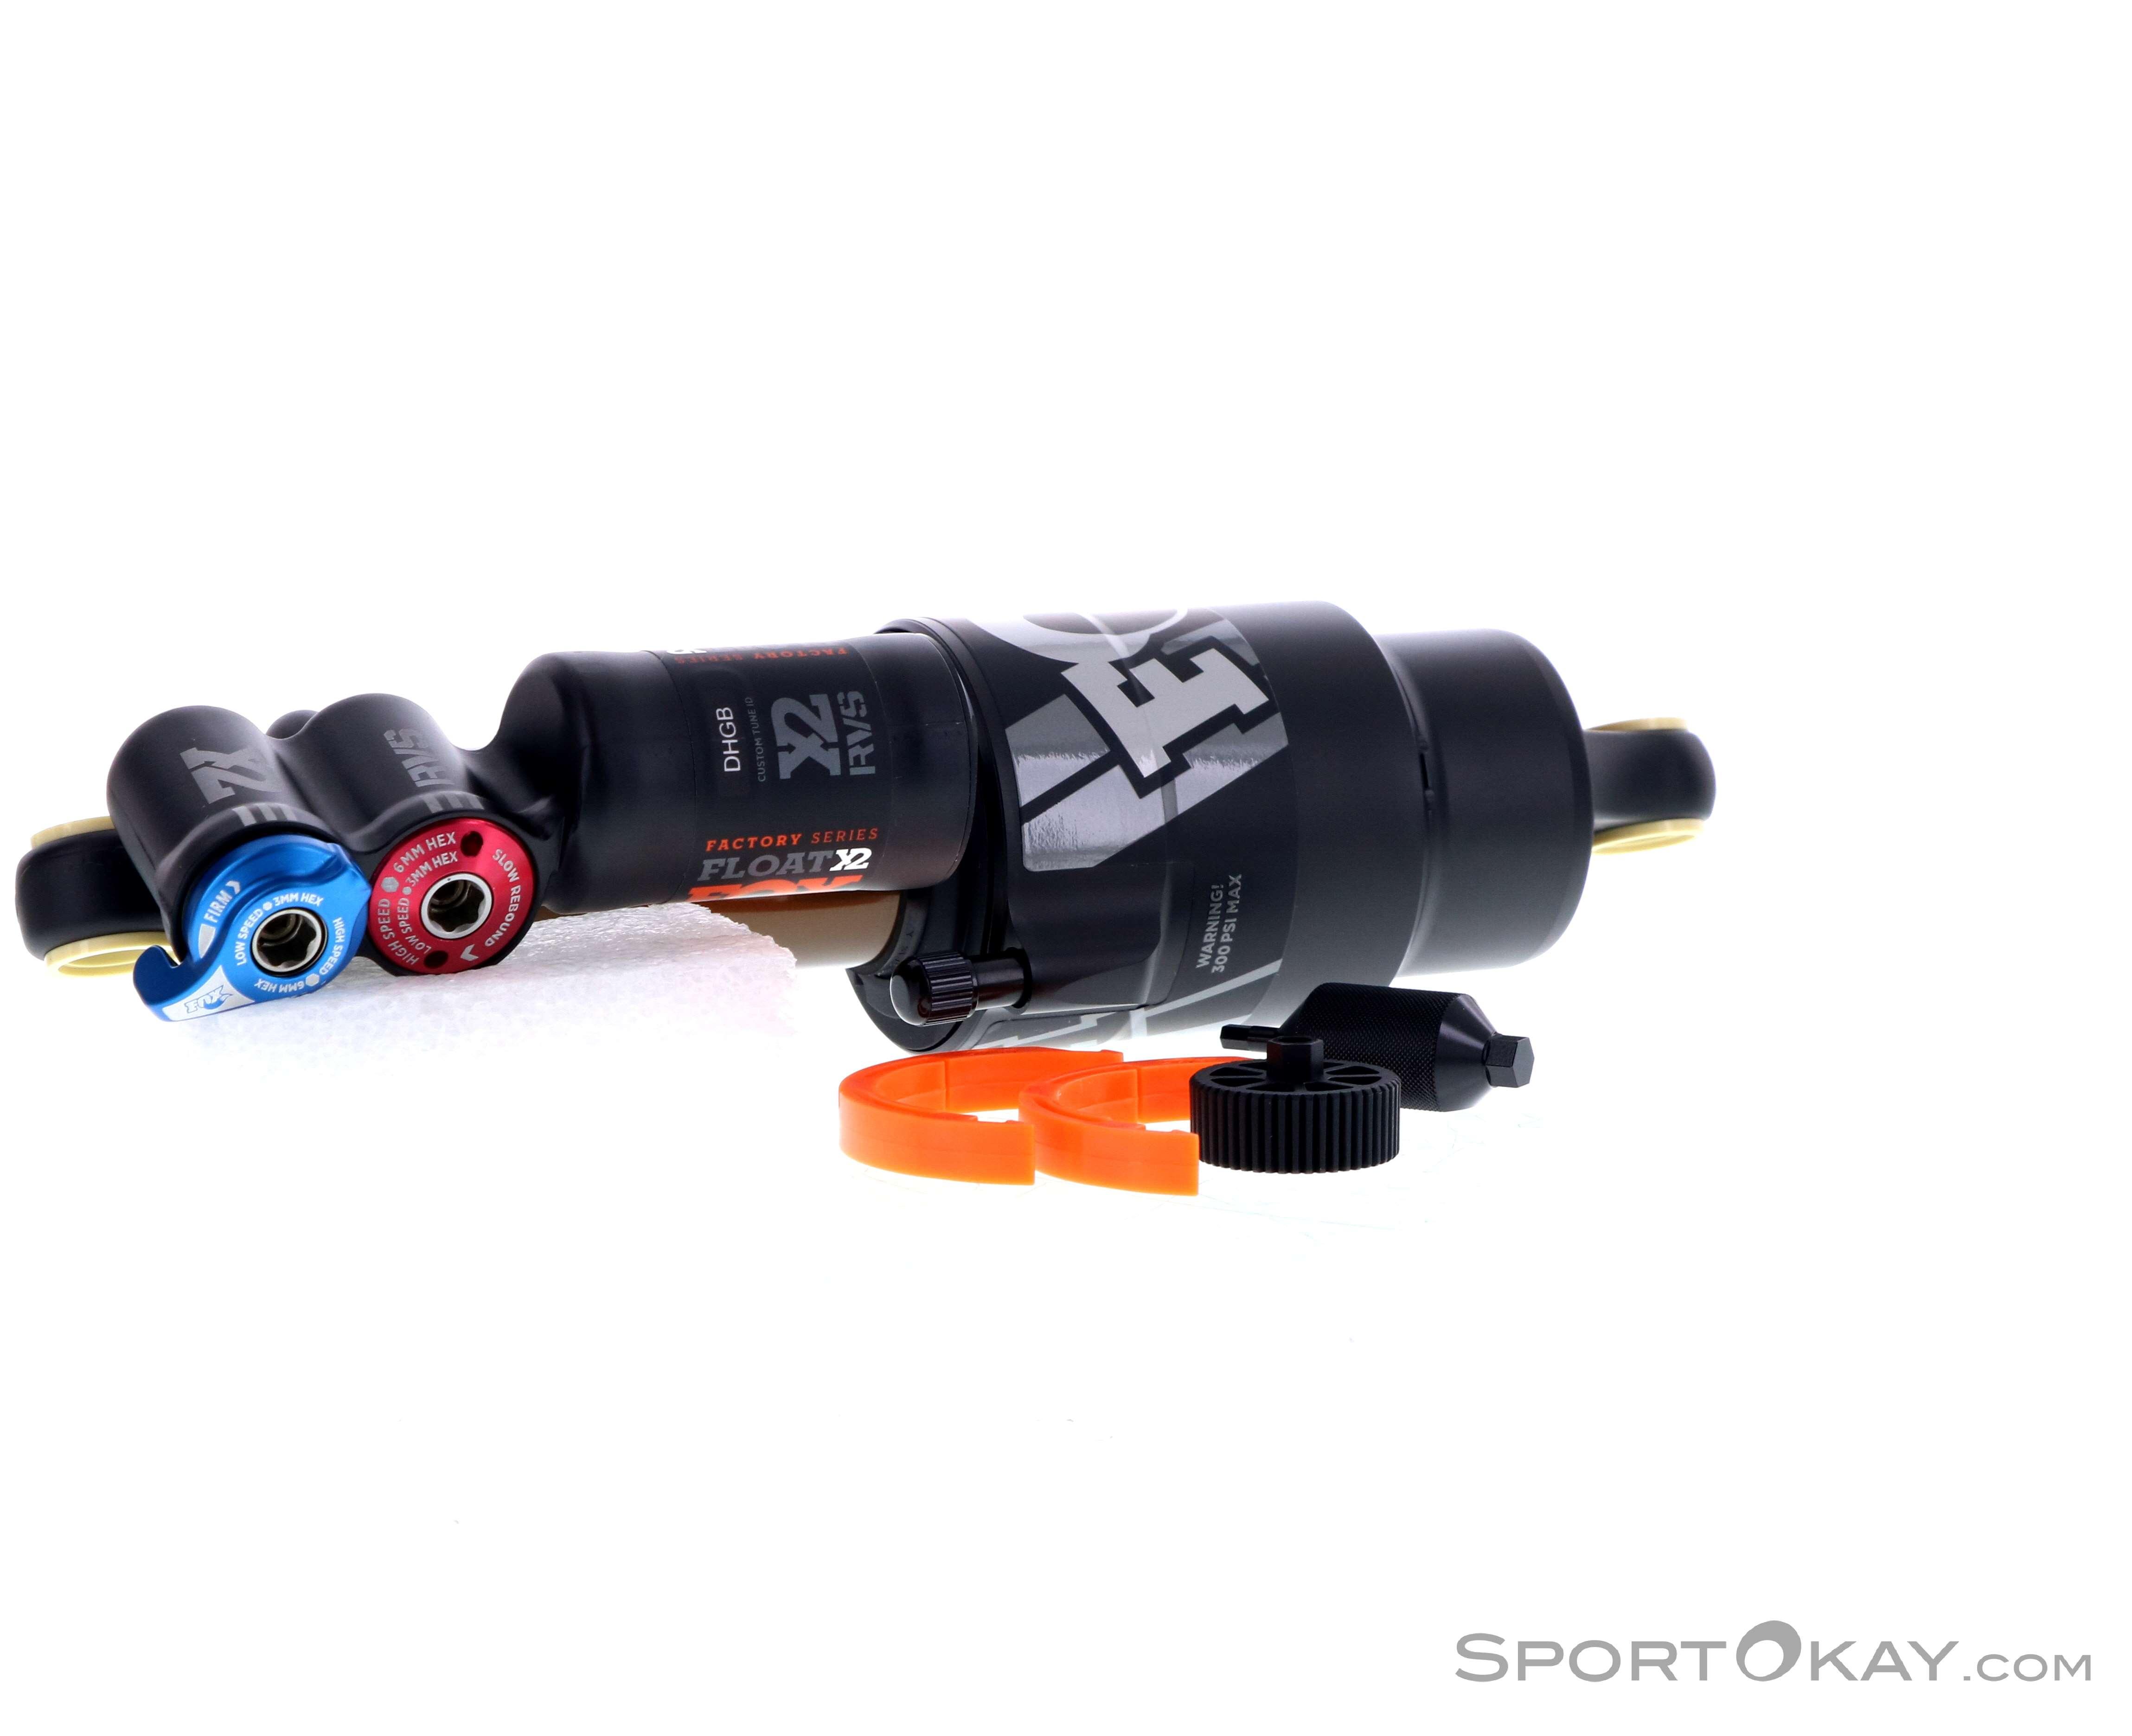 Fox Float X2 EVOL XV 2POS 216x63mm 2019 Shock